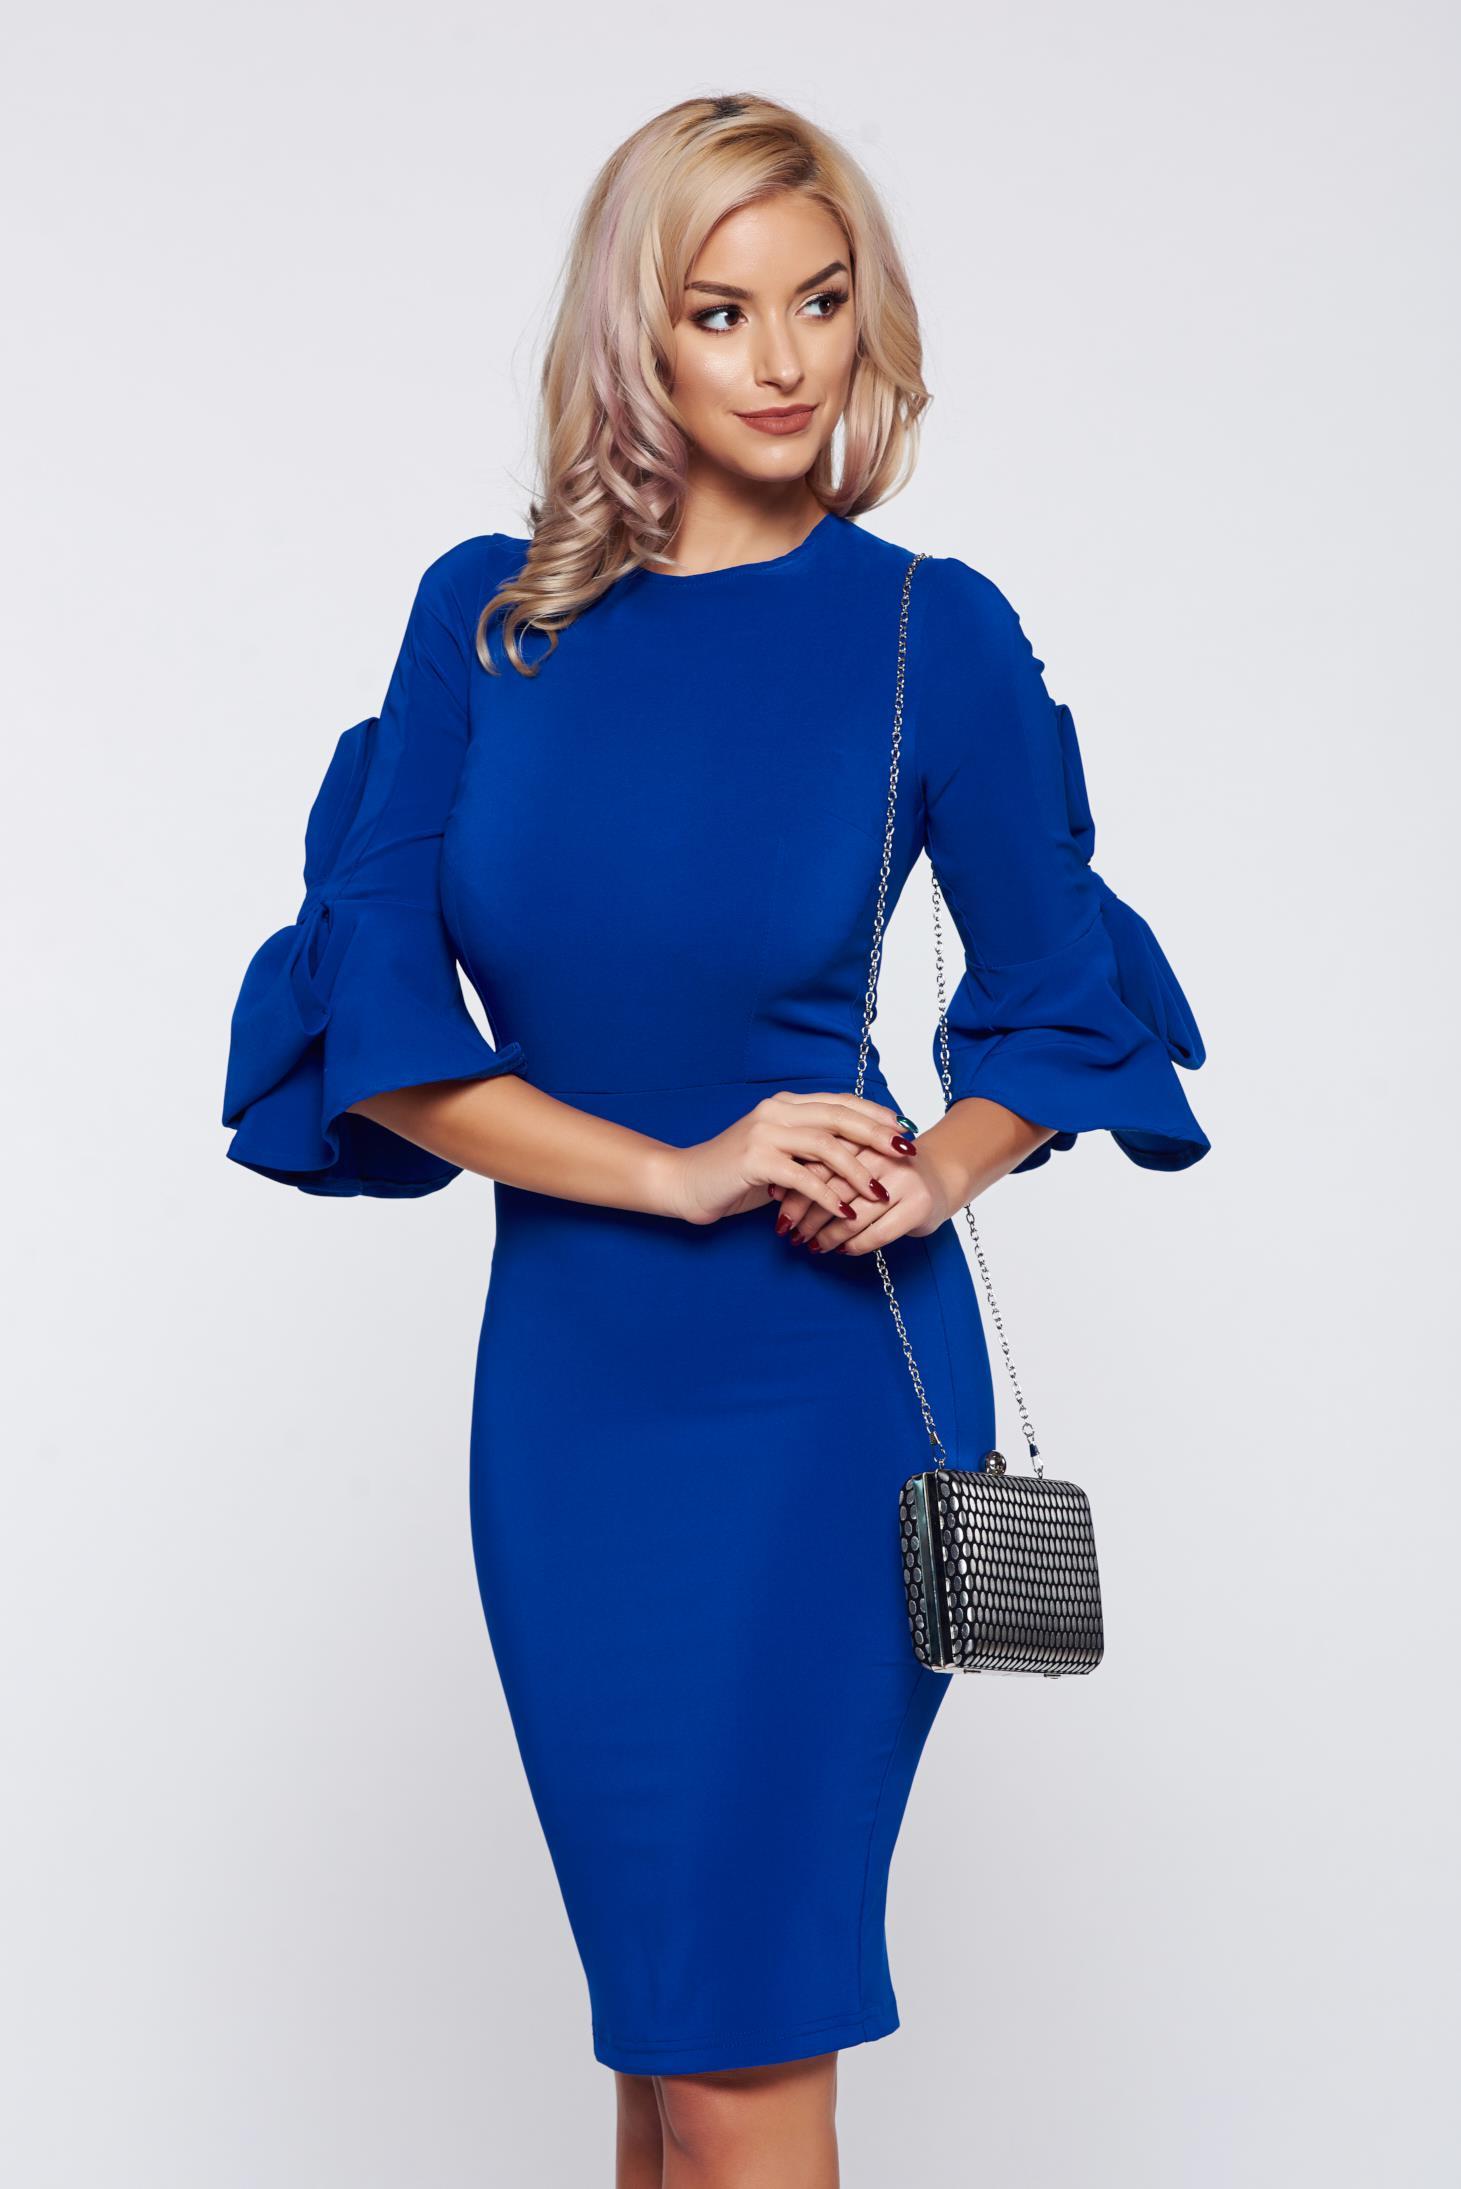 Rochie Artista albastra eleganta tip creion din stofa cu maneci clopot